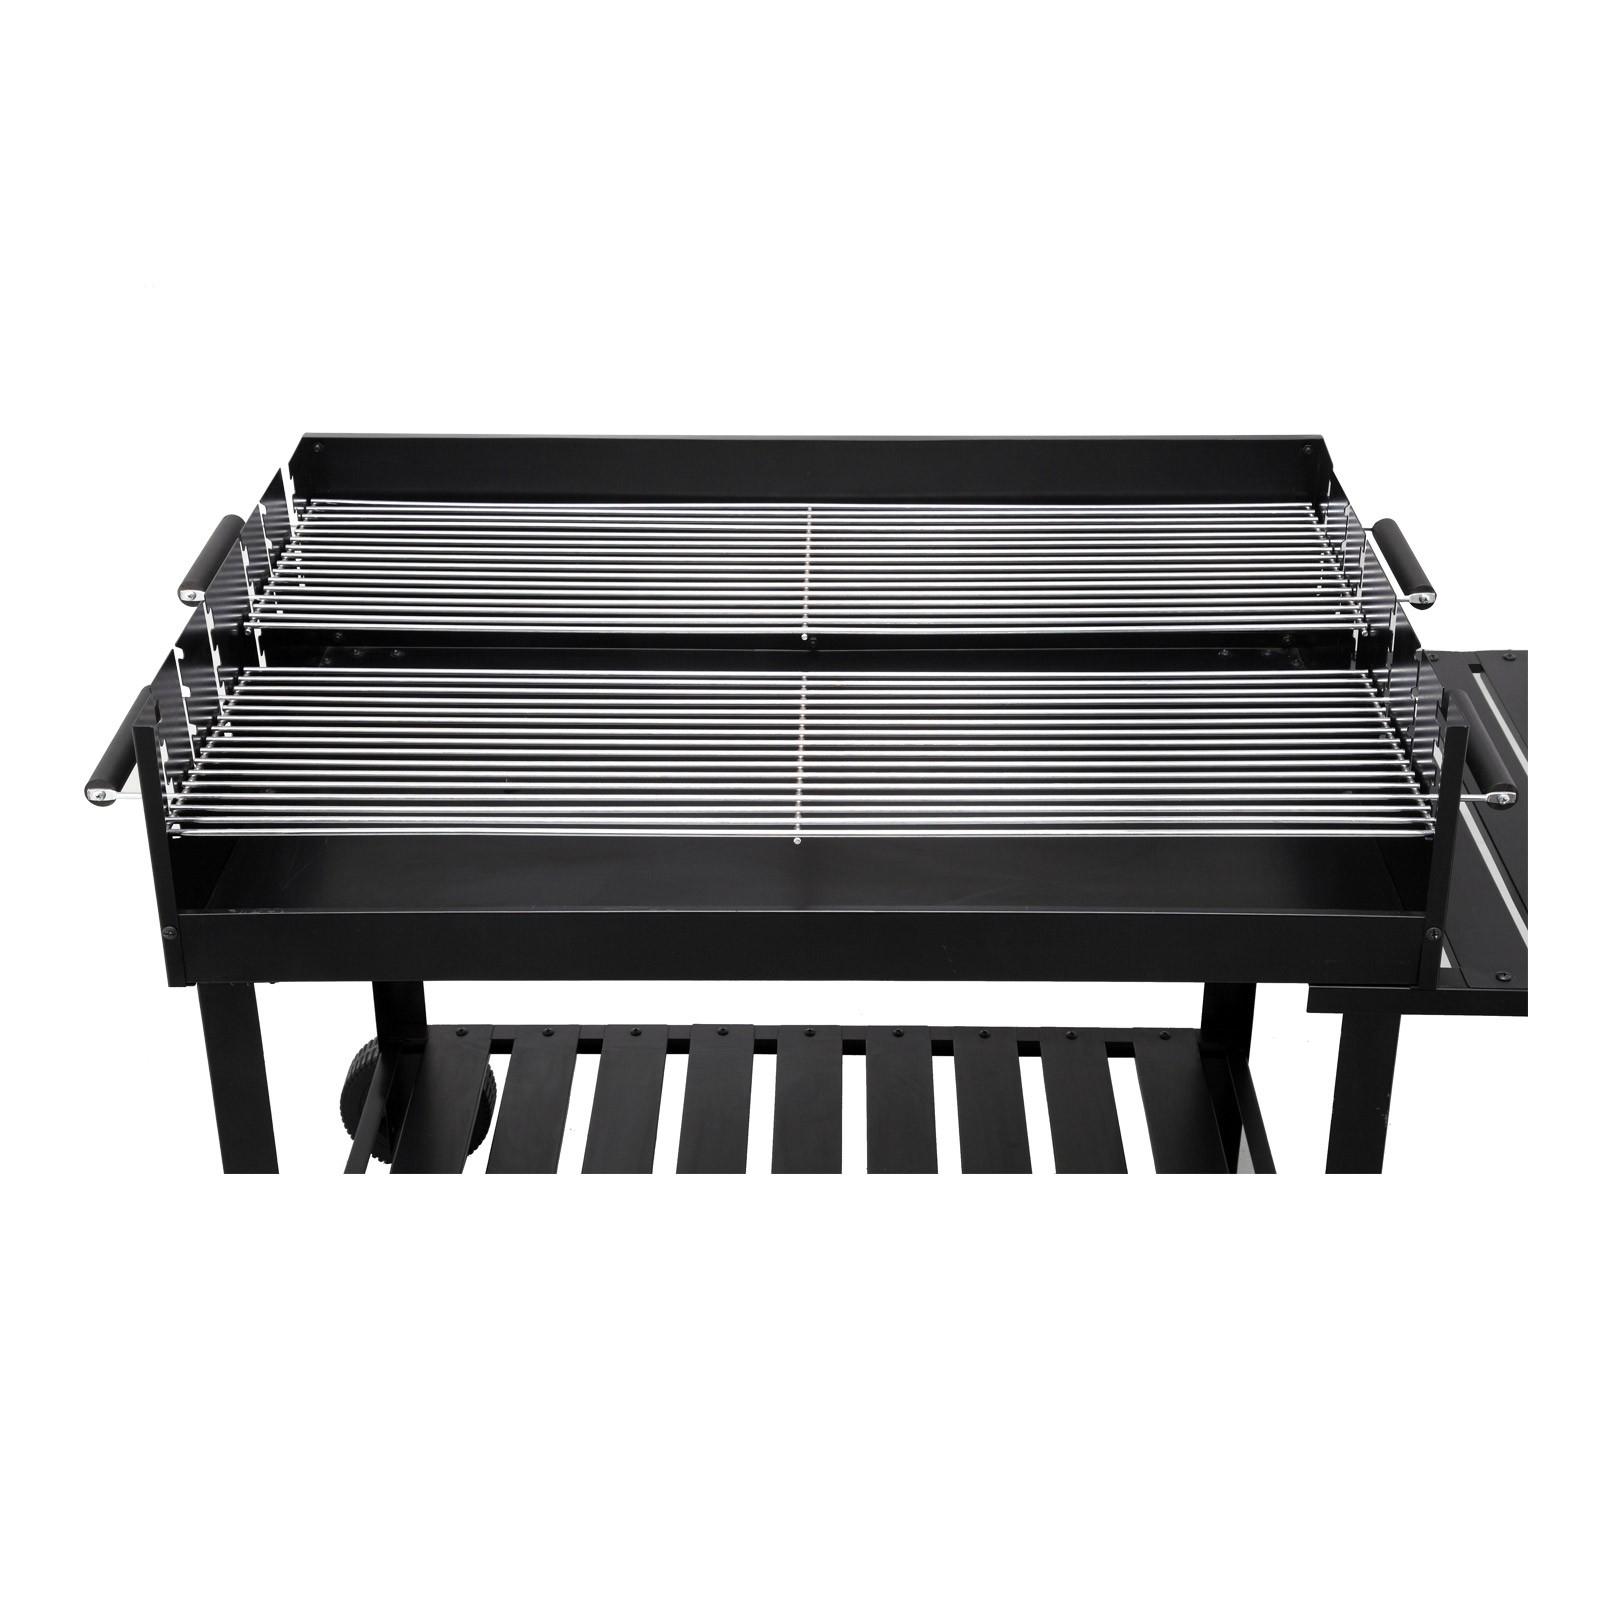 tepro holzkohlegrill kohlegrill bbq grill kohle grillwagen. Black Bedroom Furniture Sets. Home Design Ideas